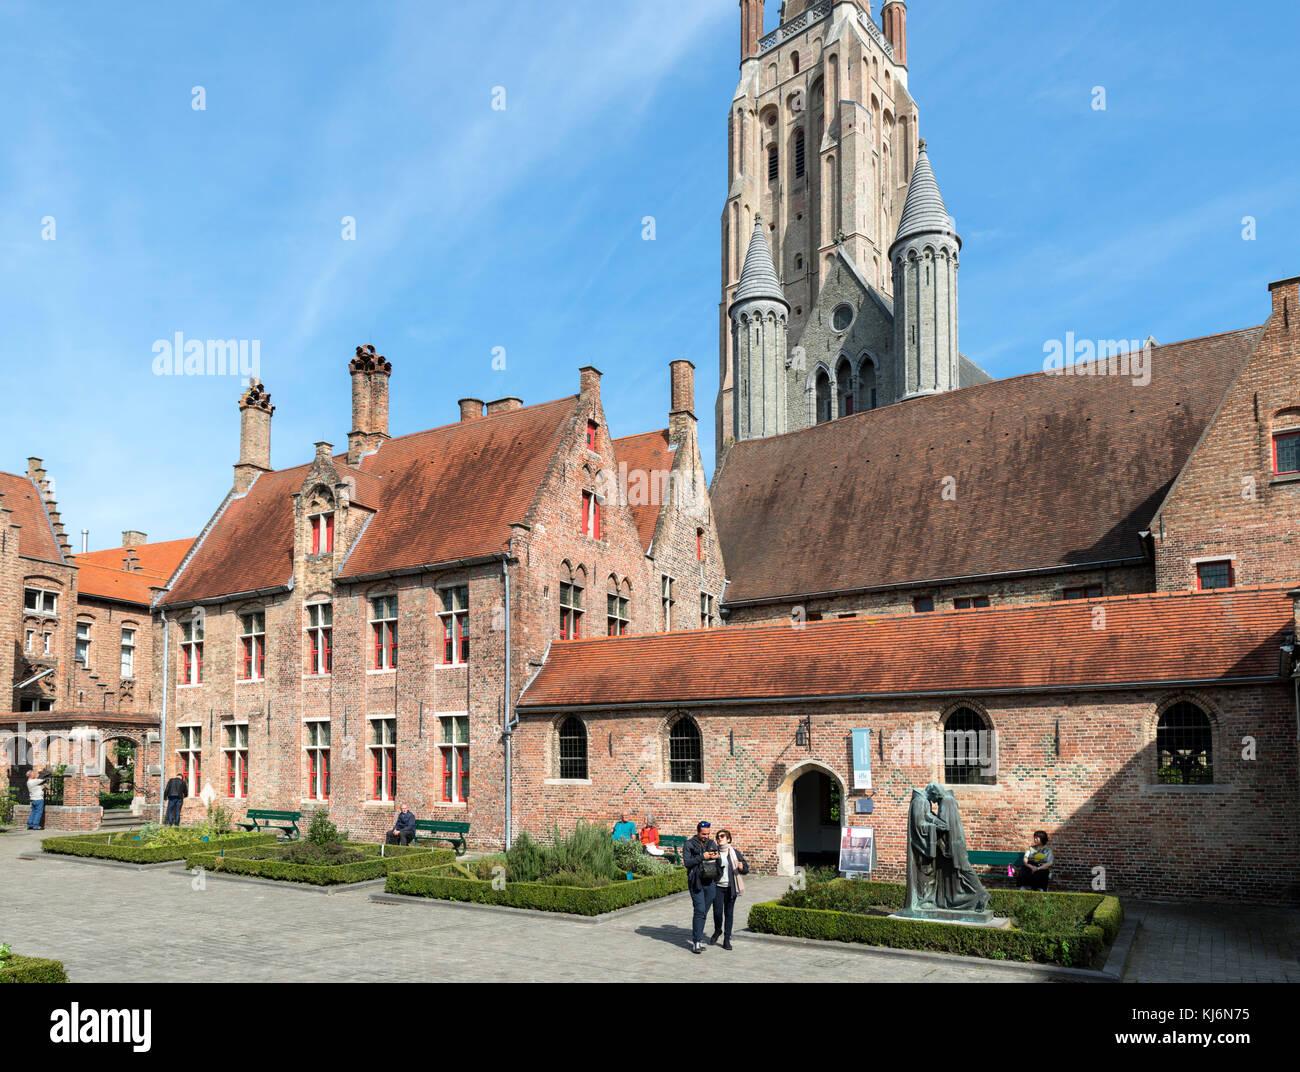 Alte St John's Hospital (Oud Sint-Janshospitaal) mit Turm der Kirche Unserer Lieben Frau (Onze-Lieve-Vrouwekerk) Stockbild